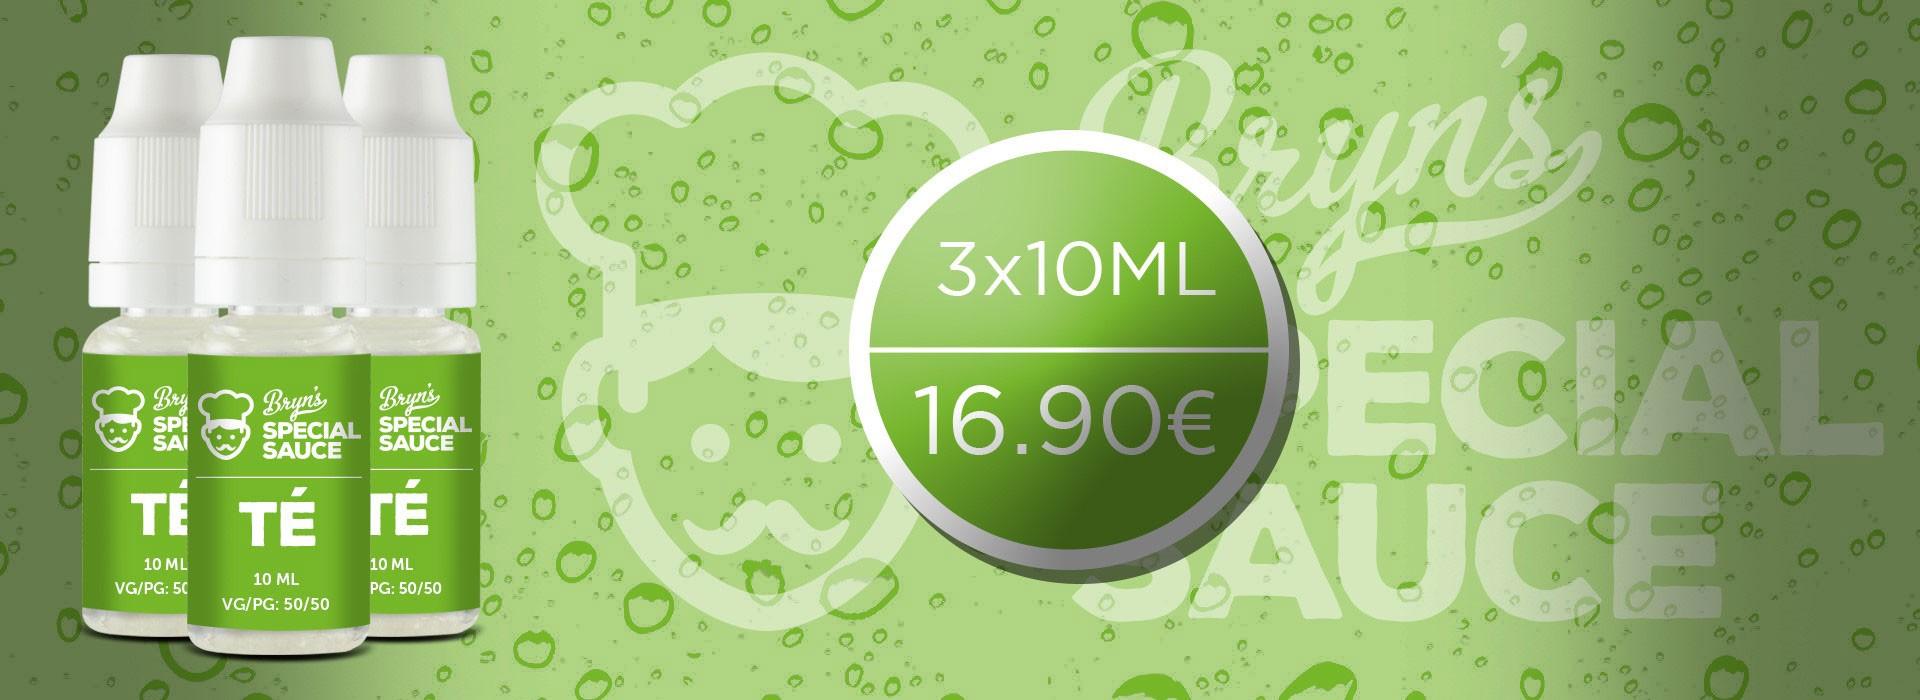 E-liquide phare de la gamme Bryn's Special Sauce, l'e-liquide Té est né d'une association de saveurs rares et intenses.